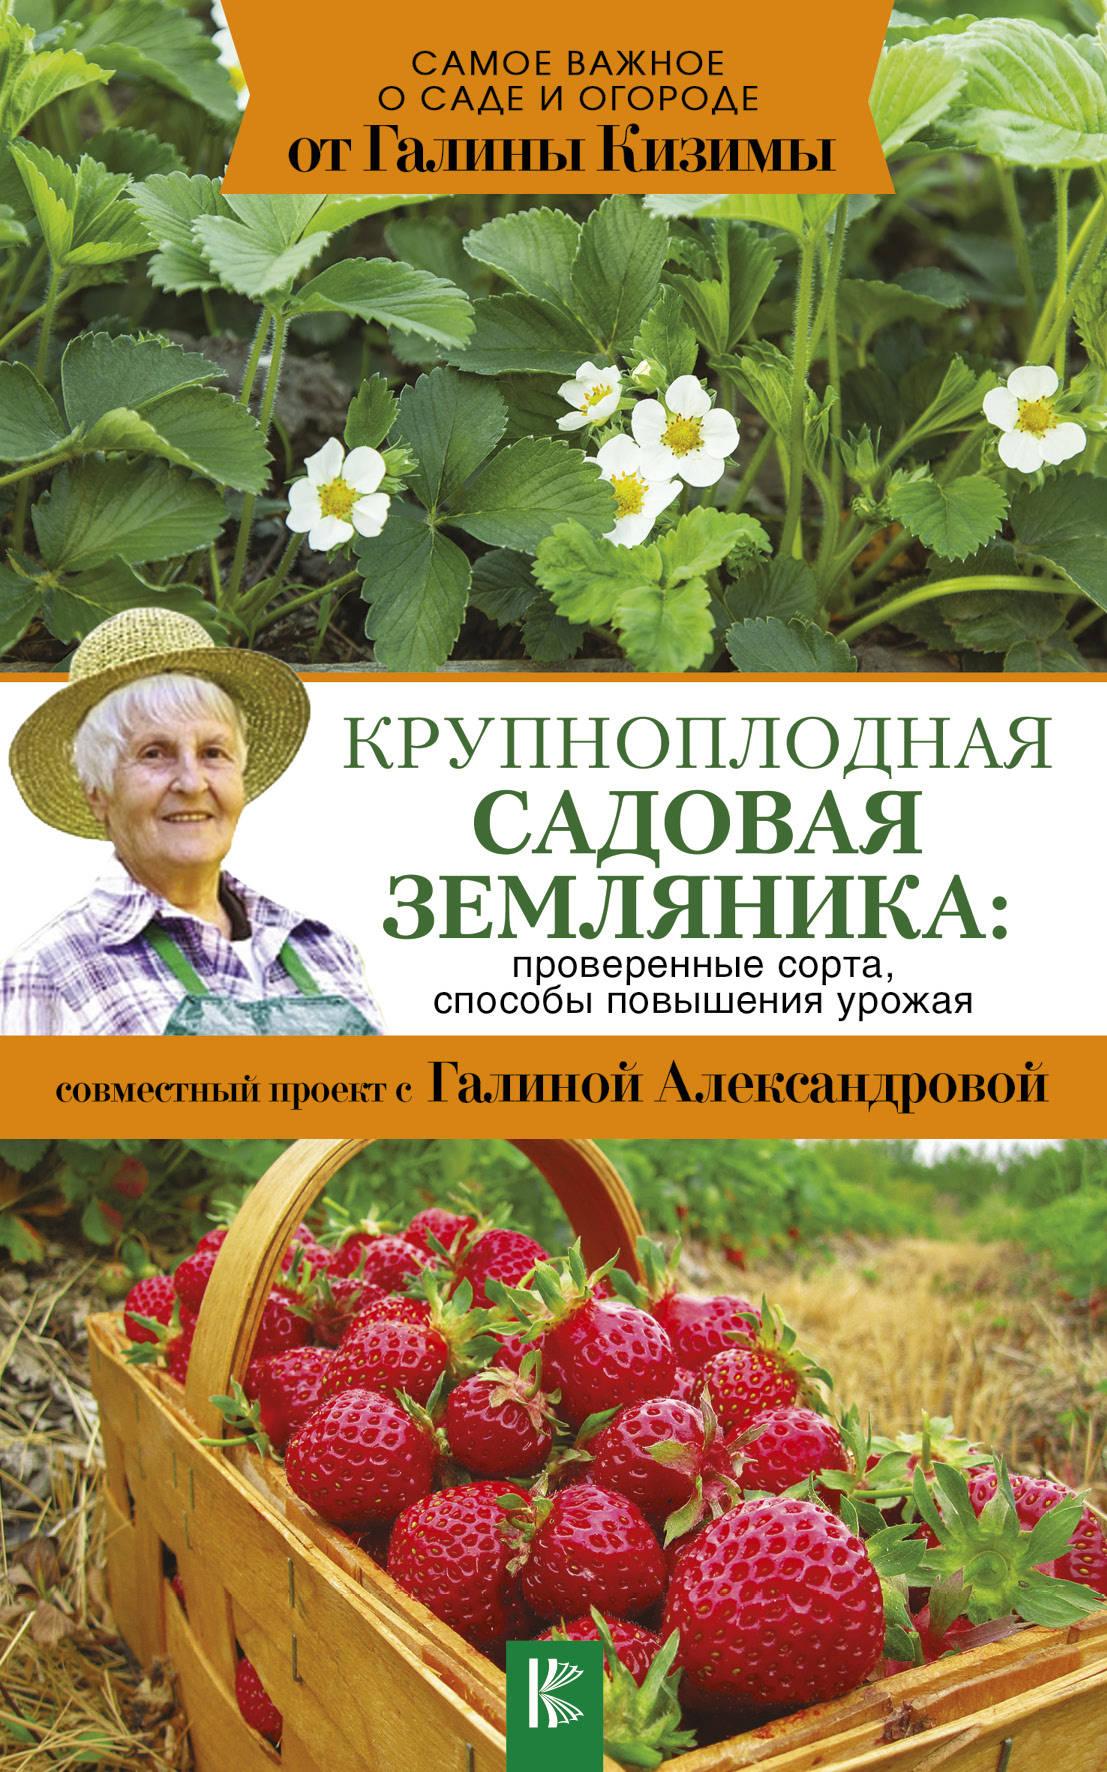 Крупноплодная садовая земляника: проверенные сорта, способы повышения урожая ( Кизима Г.А.  )